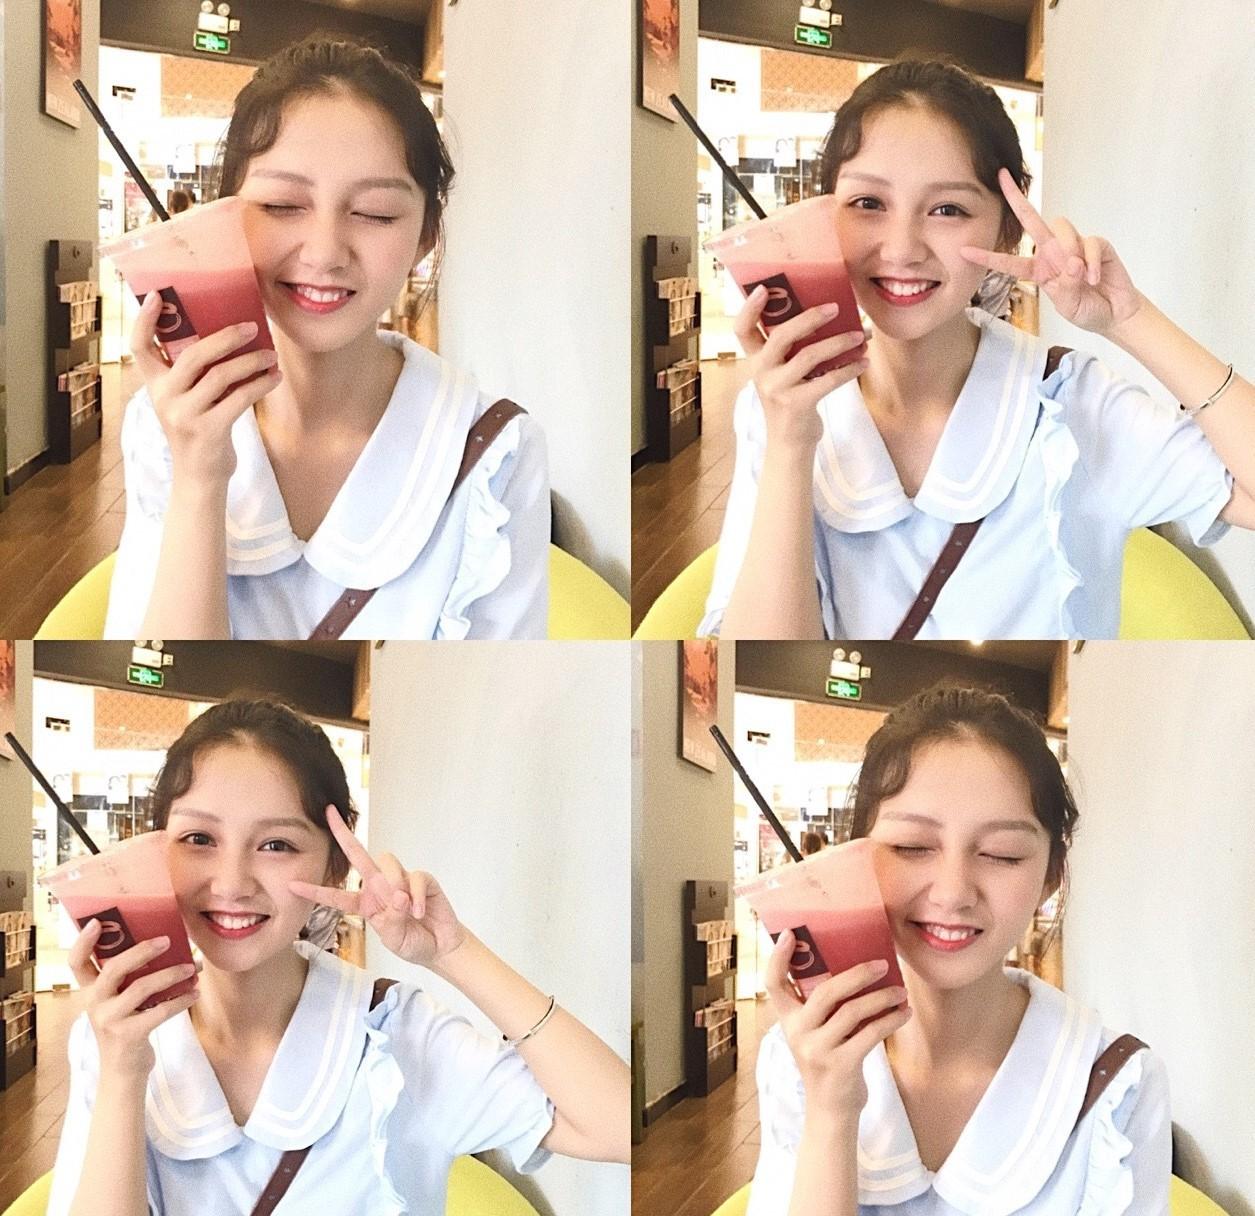 Cô bạn Trung Quốc đốn tim người đối diện chỉ với 1 nụ cười siêu dễ thương - Ảnh 5.